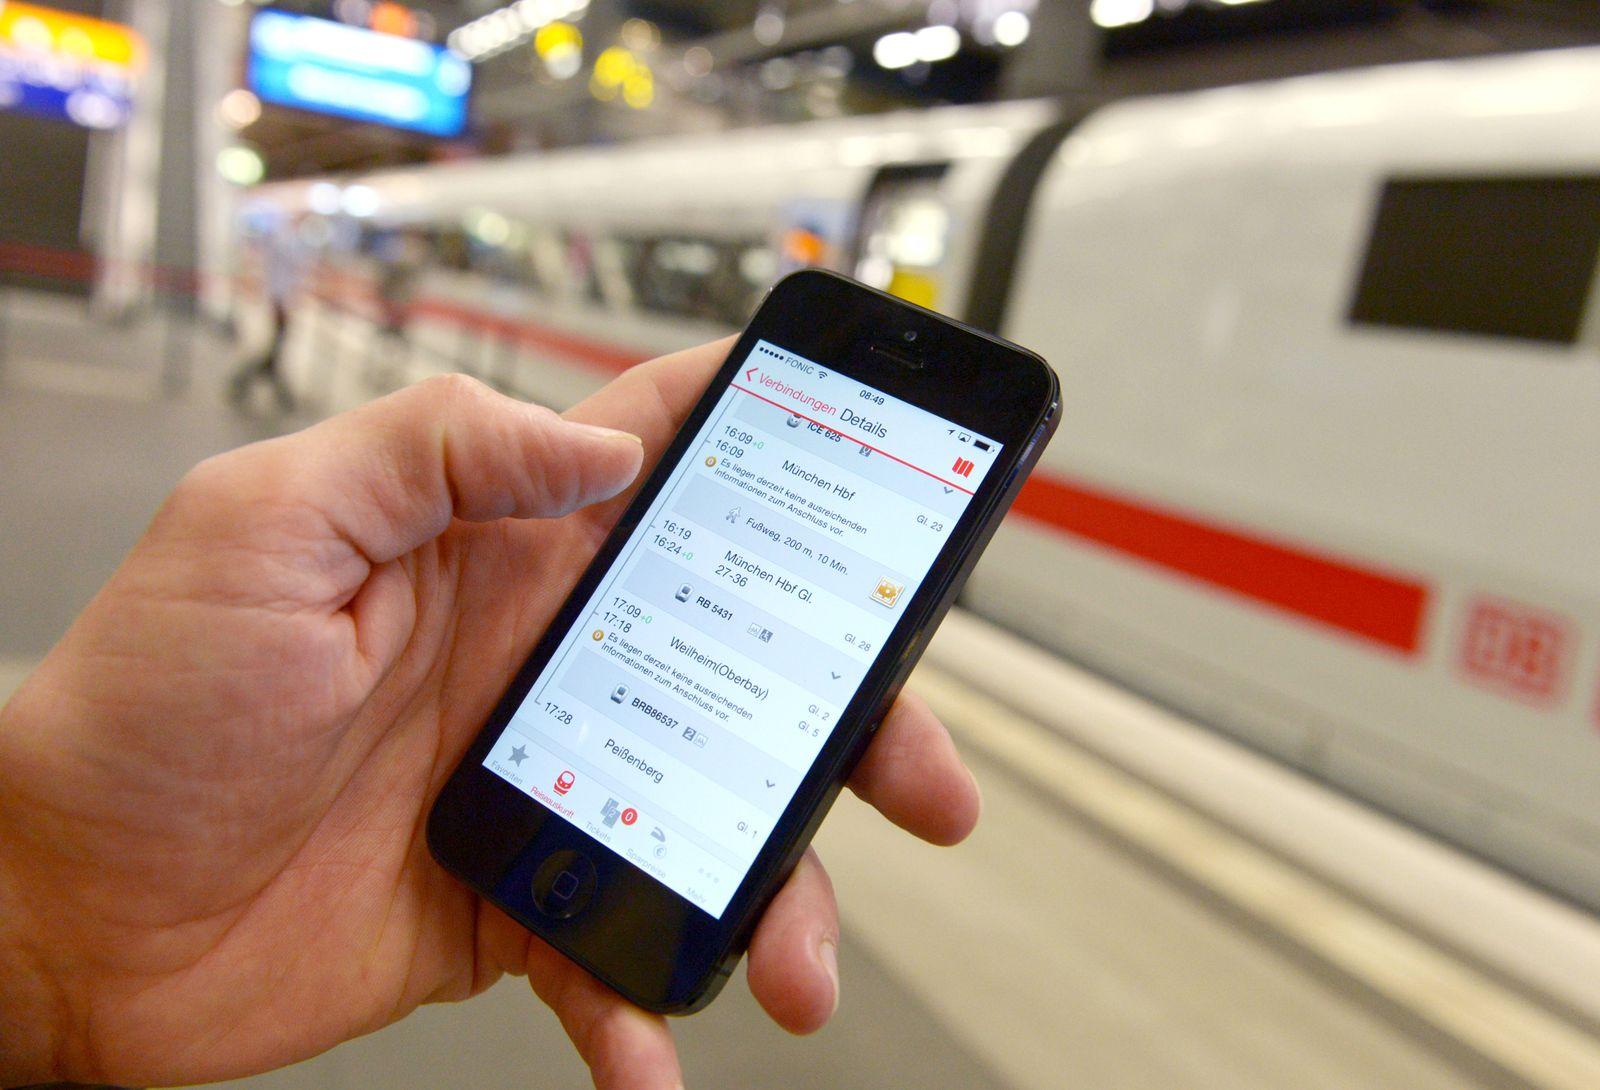 Deutsche Bahn zu Digitalisierung im Betrieb/ Smartphone/ WLAN